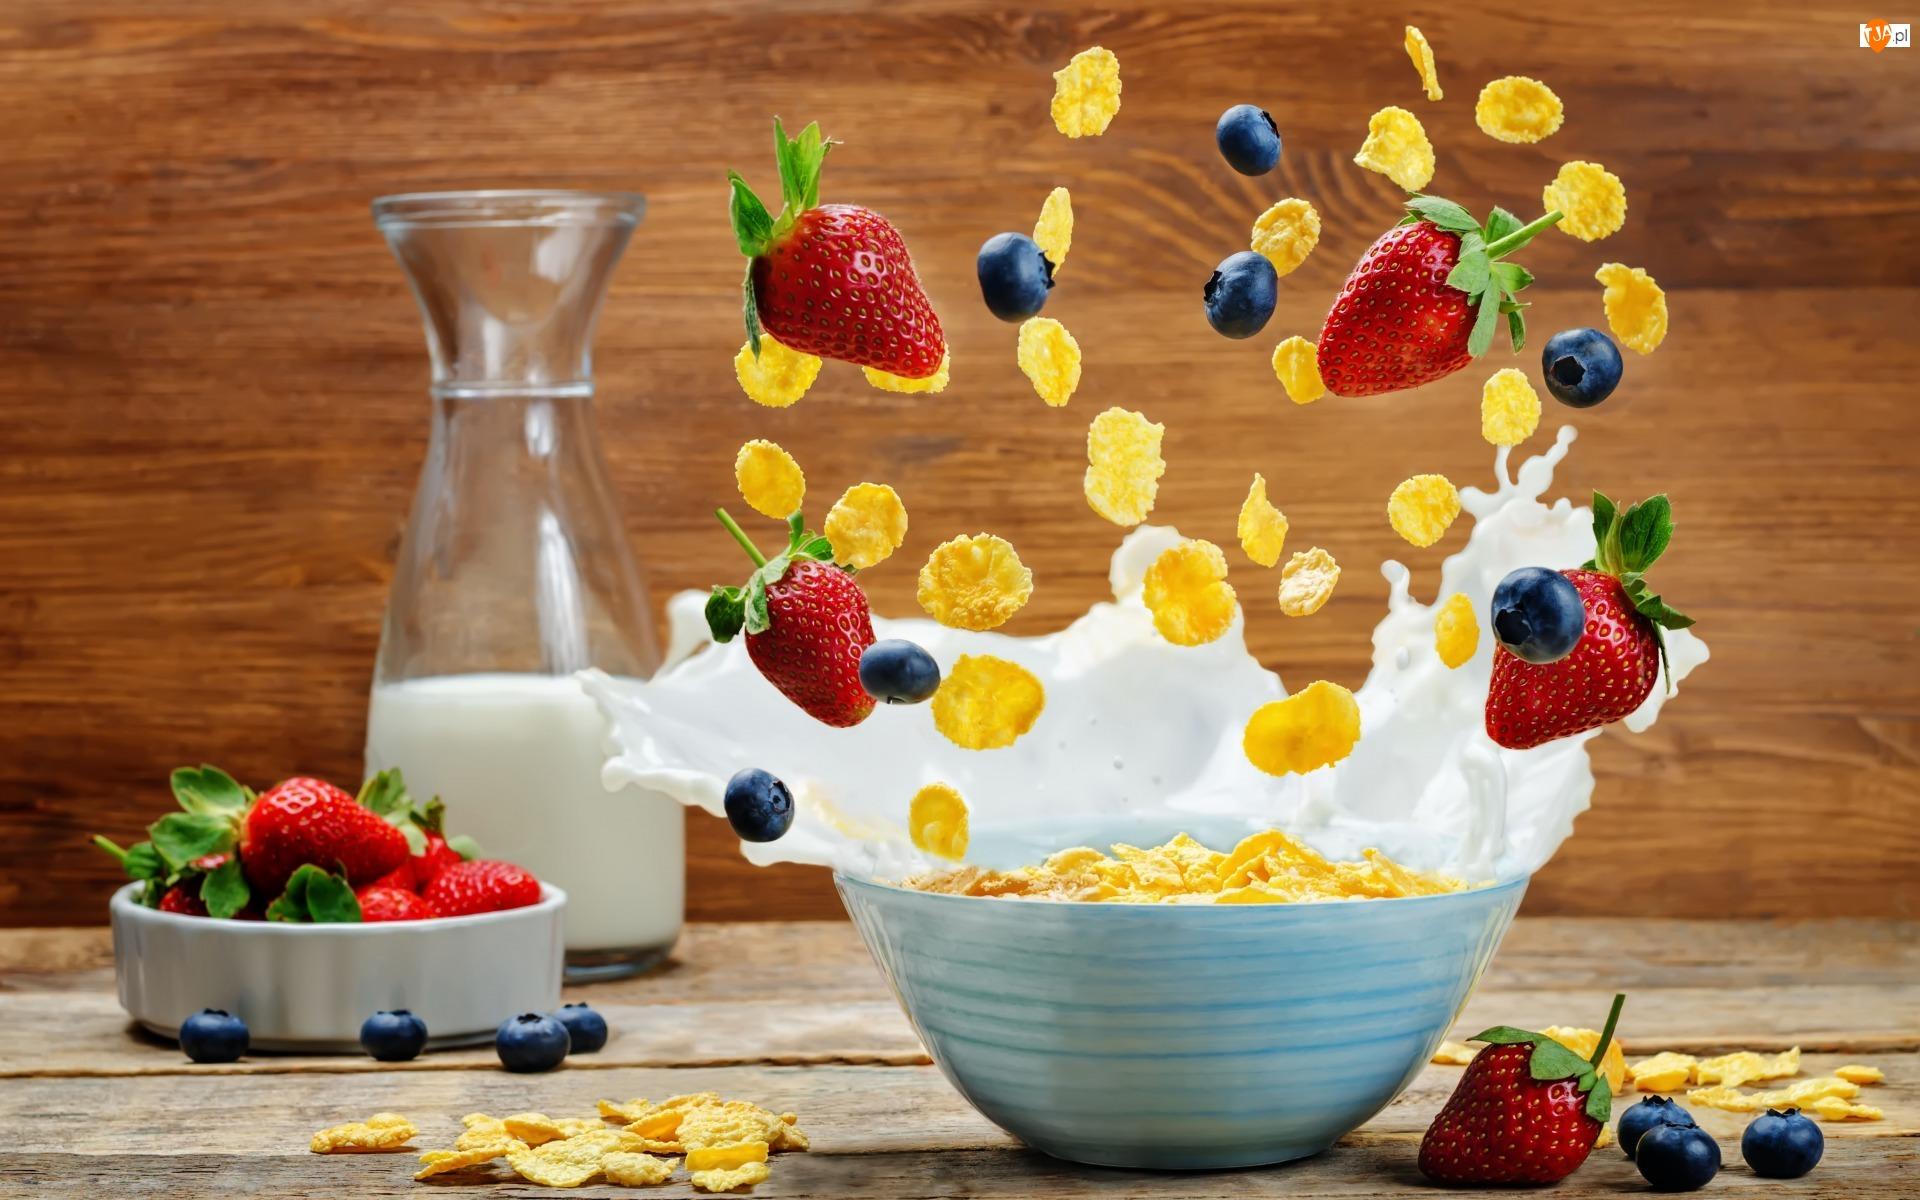 Borówki, Truskawki, Mleko, Deski, Płatki kukurydziane, Butelka, Jedzenie, Miseczka, Owoce, Śniadanie